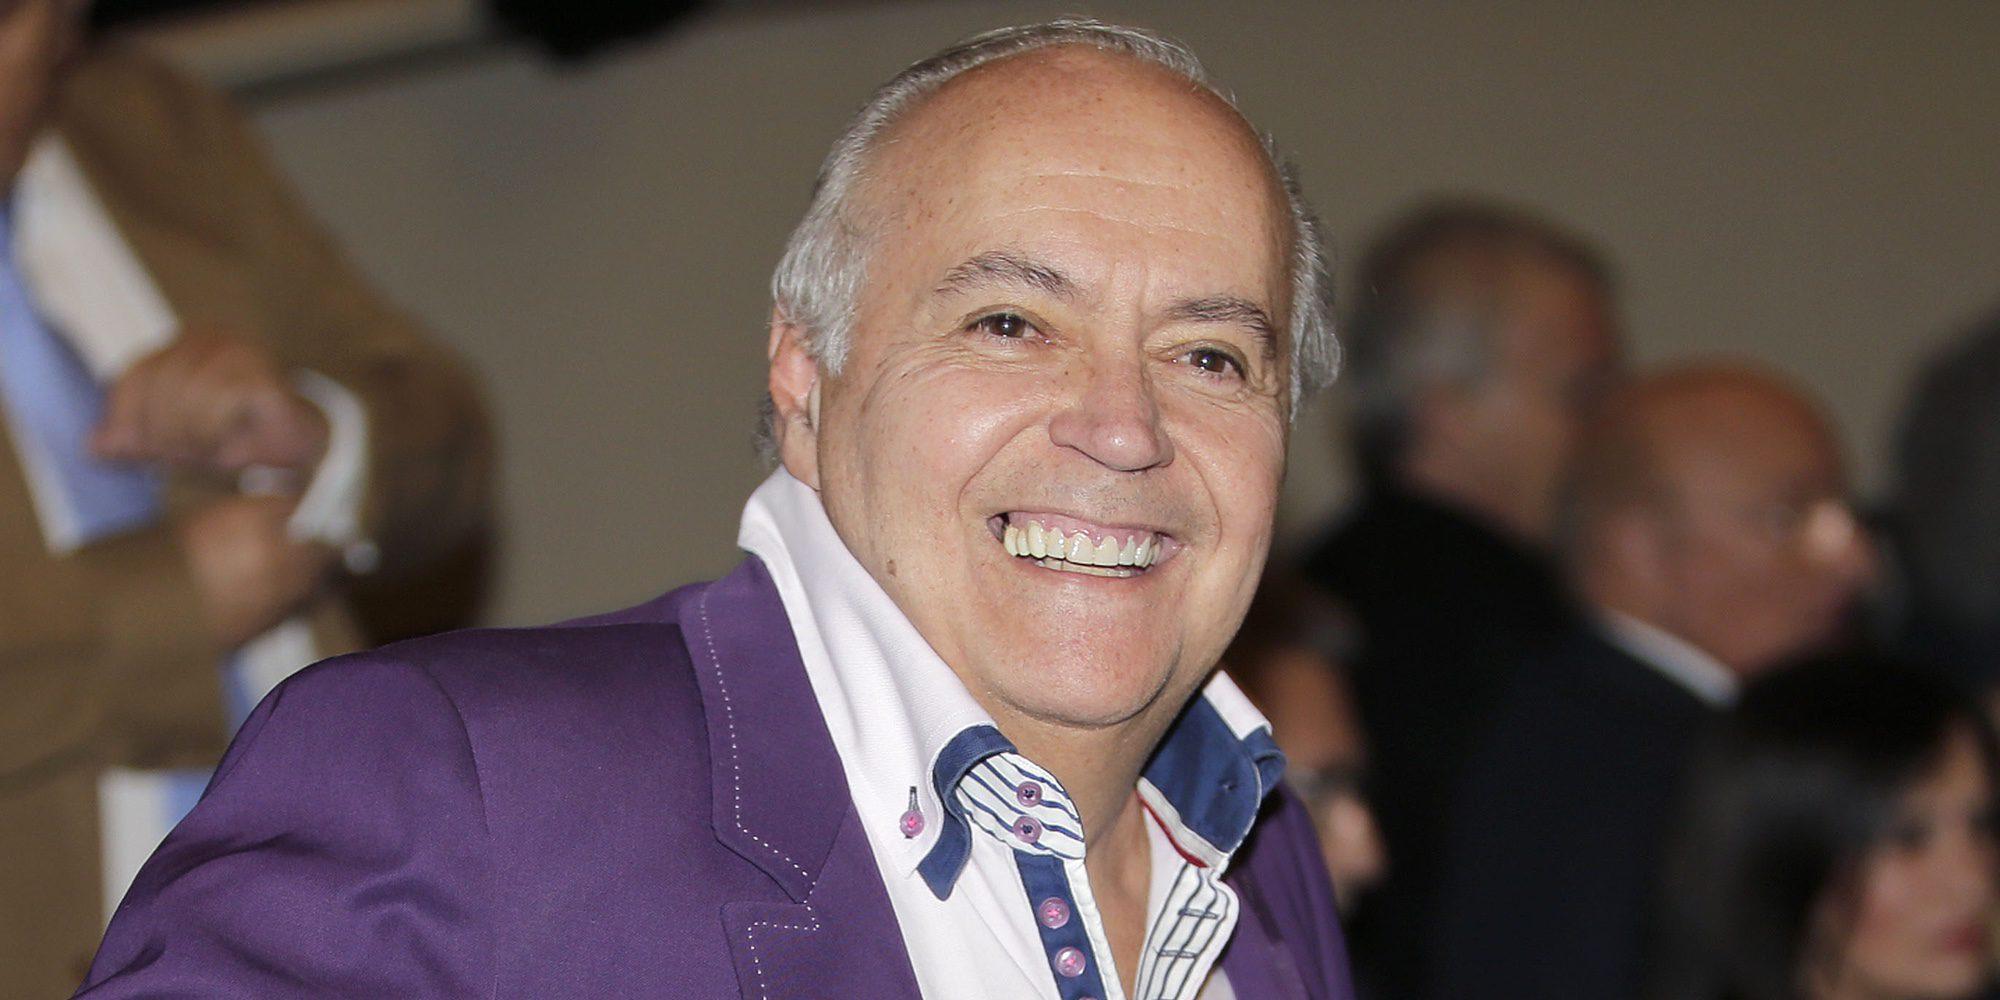 José Luis Moreno contesta a Miguel Poveda tras acusarle de impagos